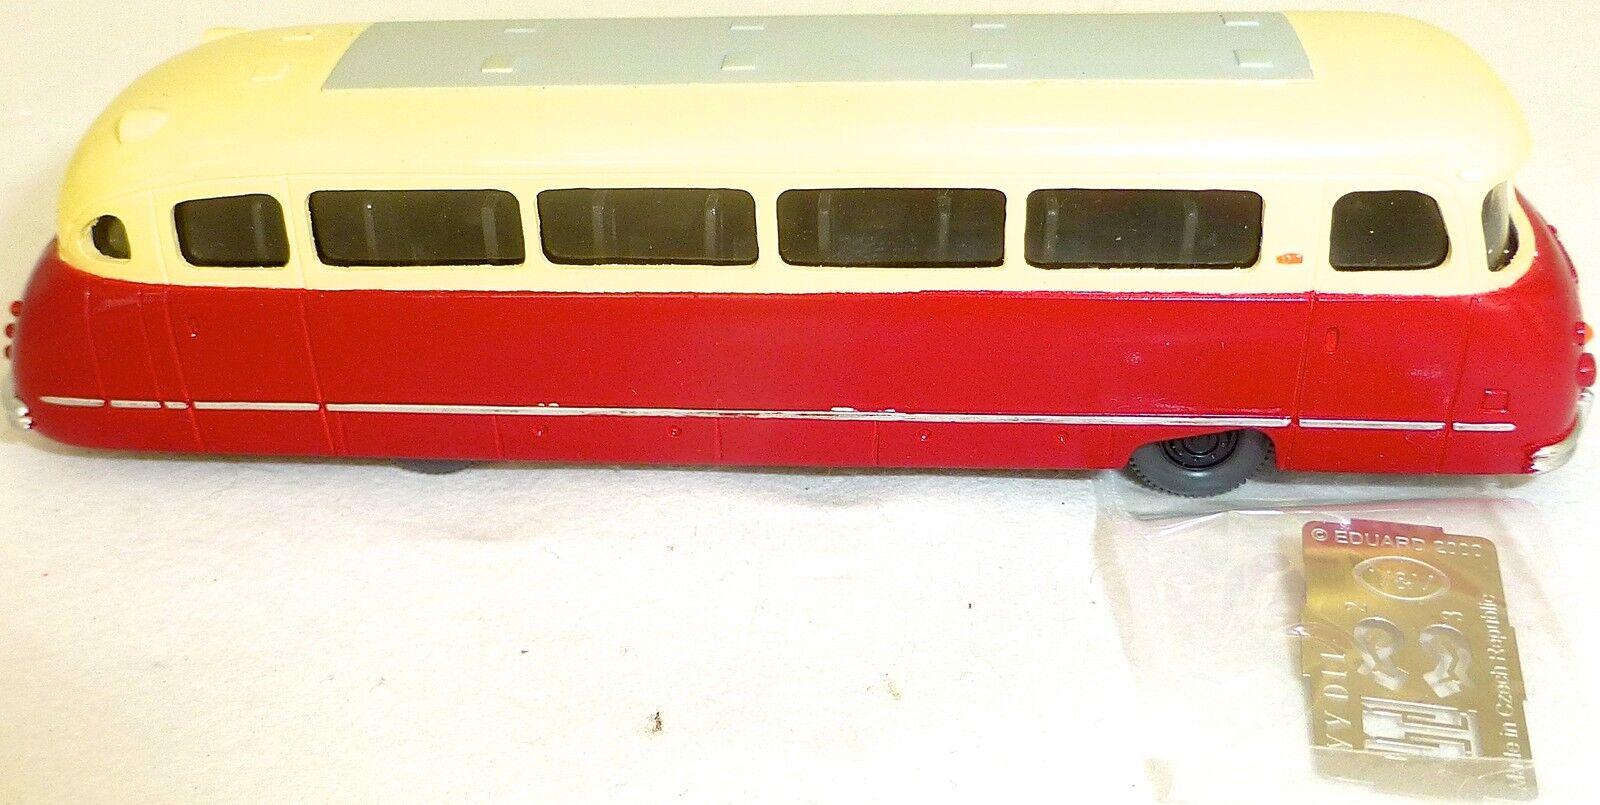 Krauss Maffei Kml Kml Kml 110 Bus Omnibus Travail Manuel Rouge Crème H0 1:87 Vuv V&v Li4 b6c9b0